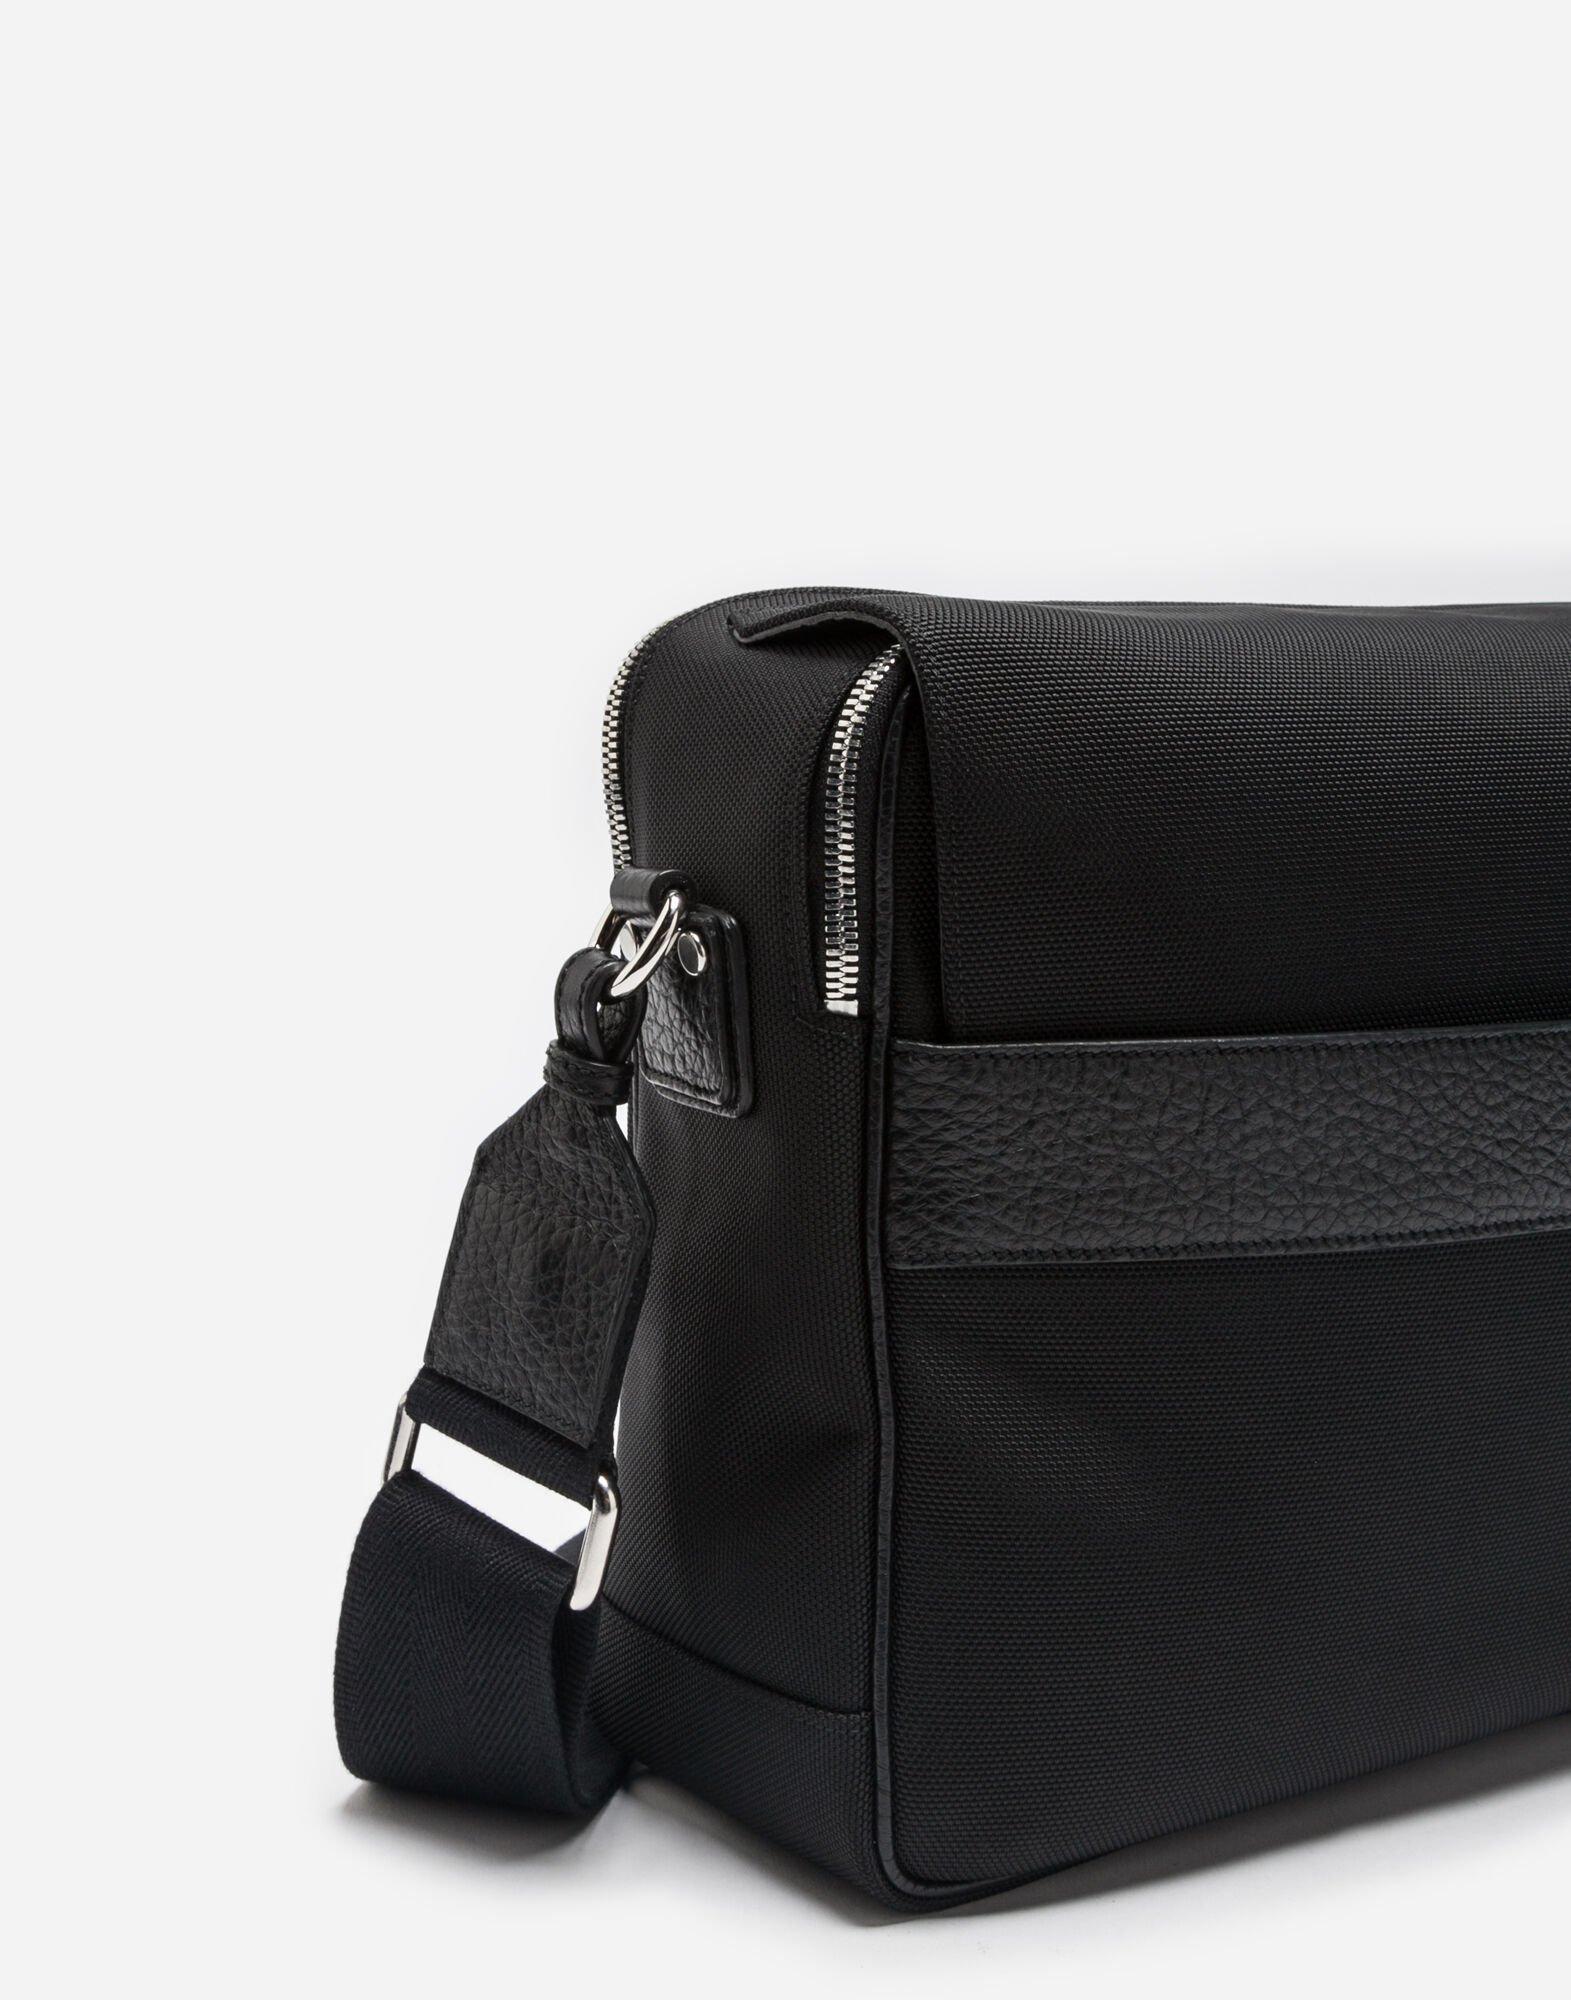 MESSENGER BAG IN CANVAS